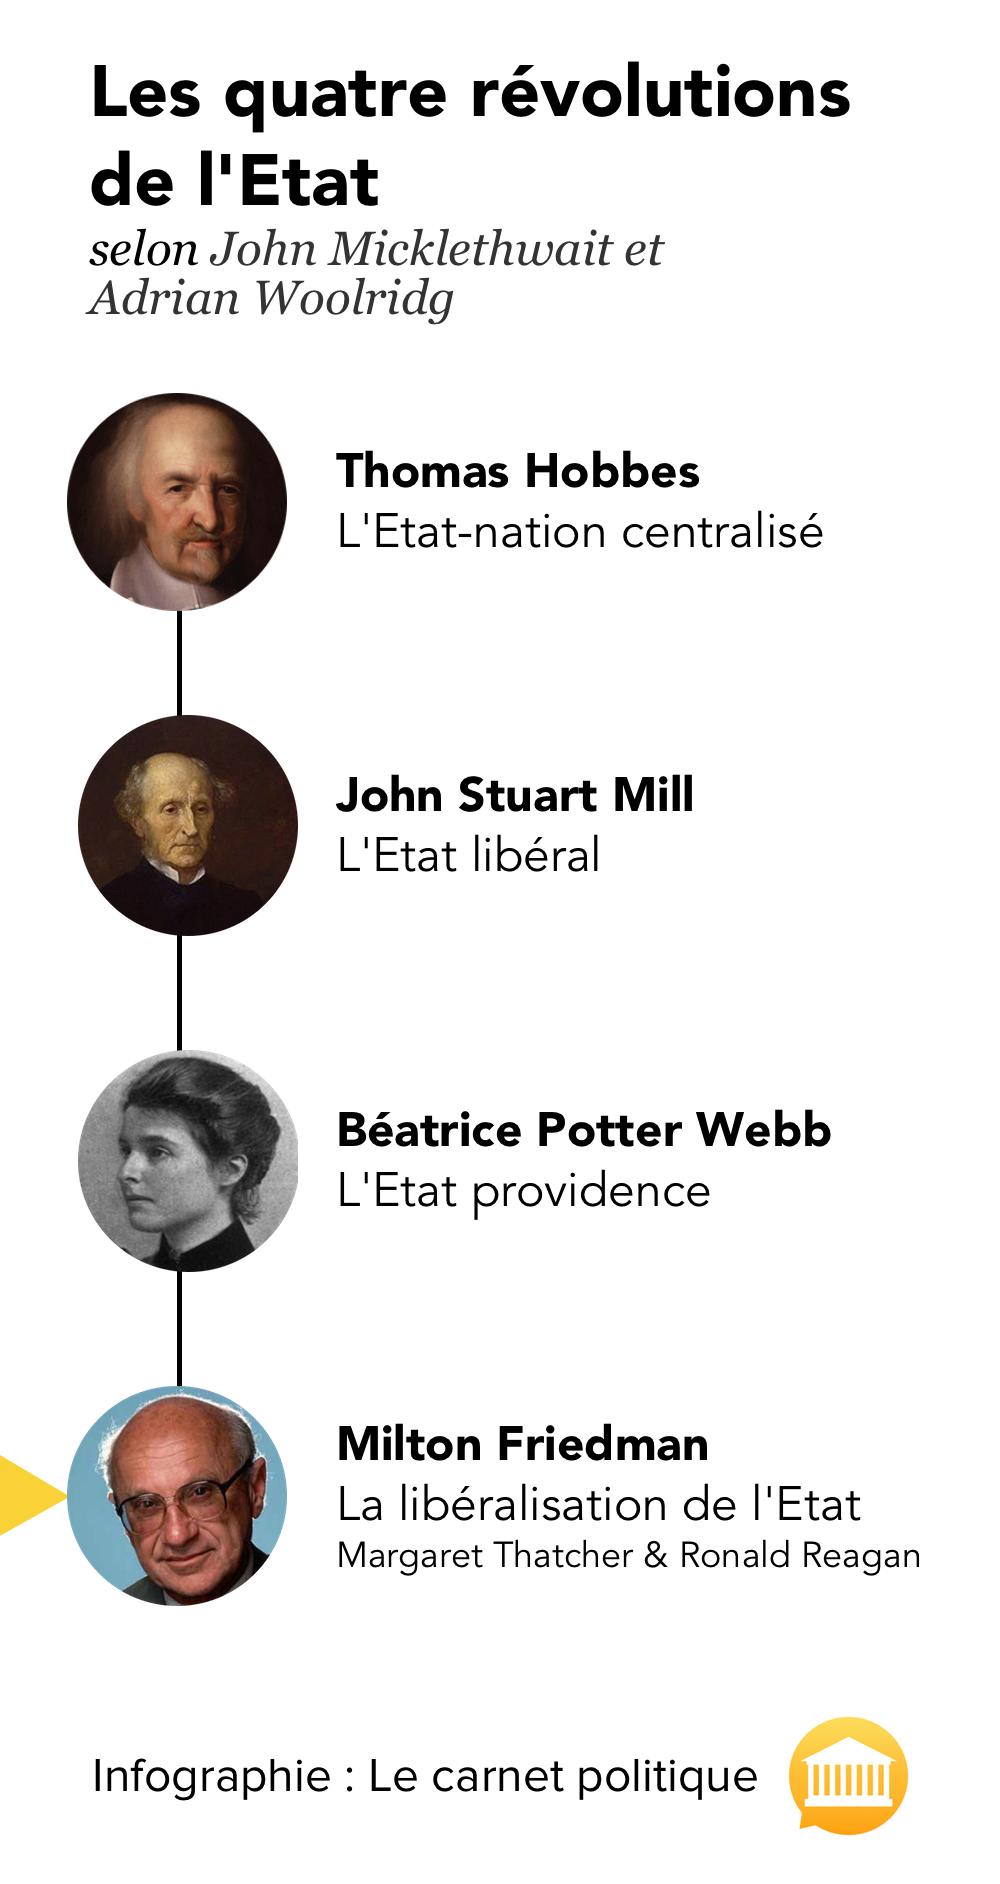 Les 4 révolutions